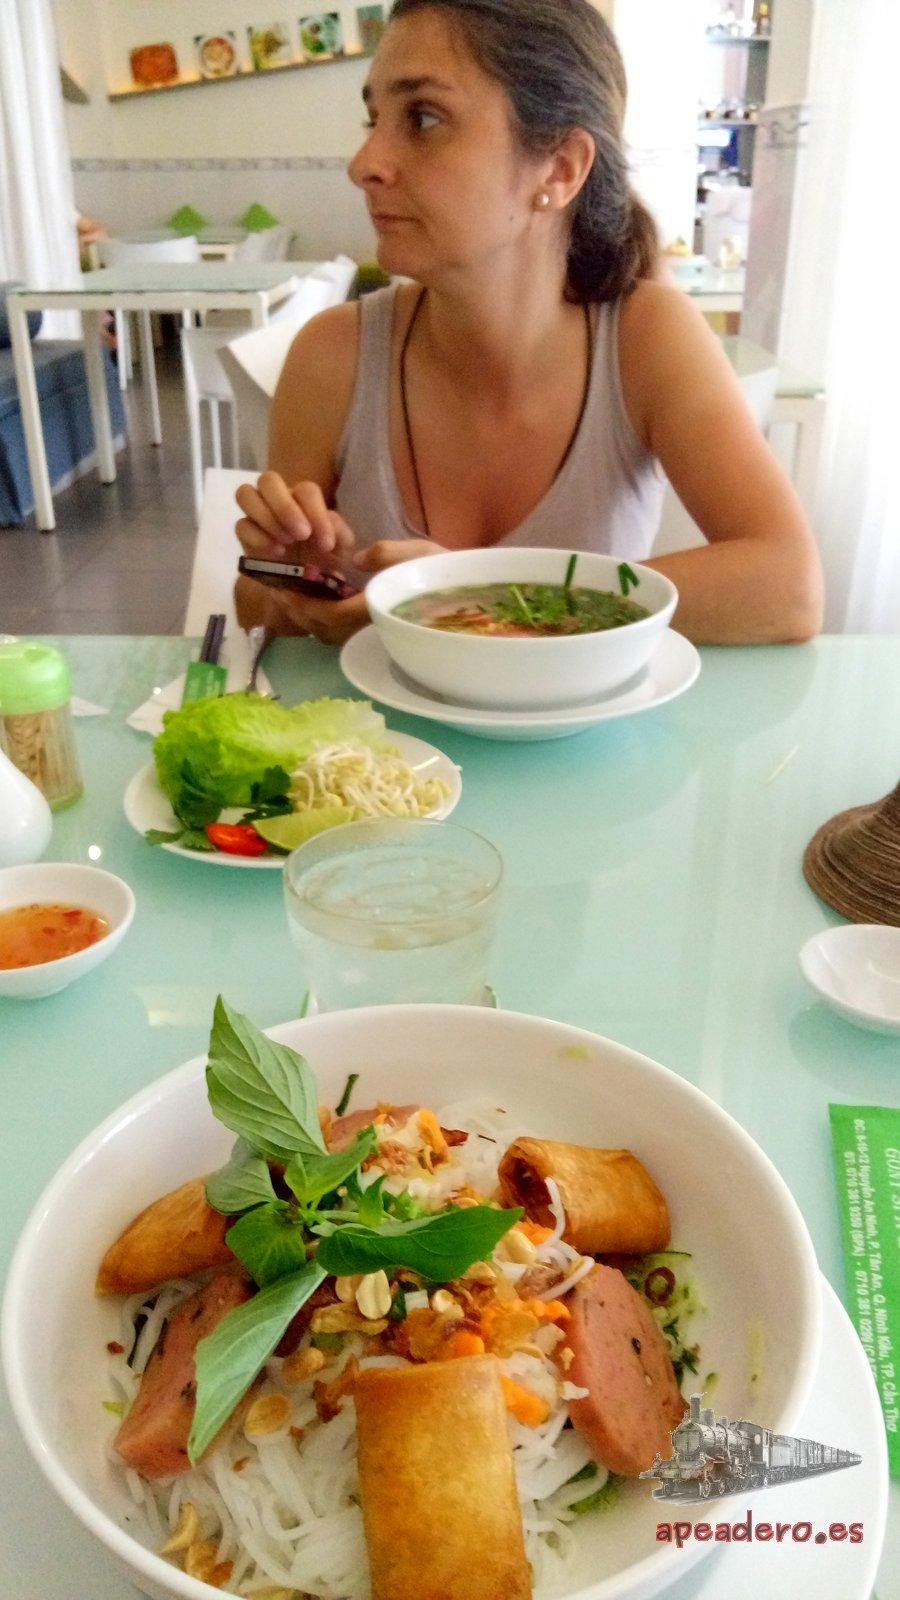 Experiencia gastronómica en el Mekong